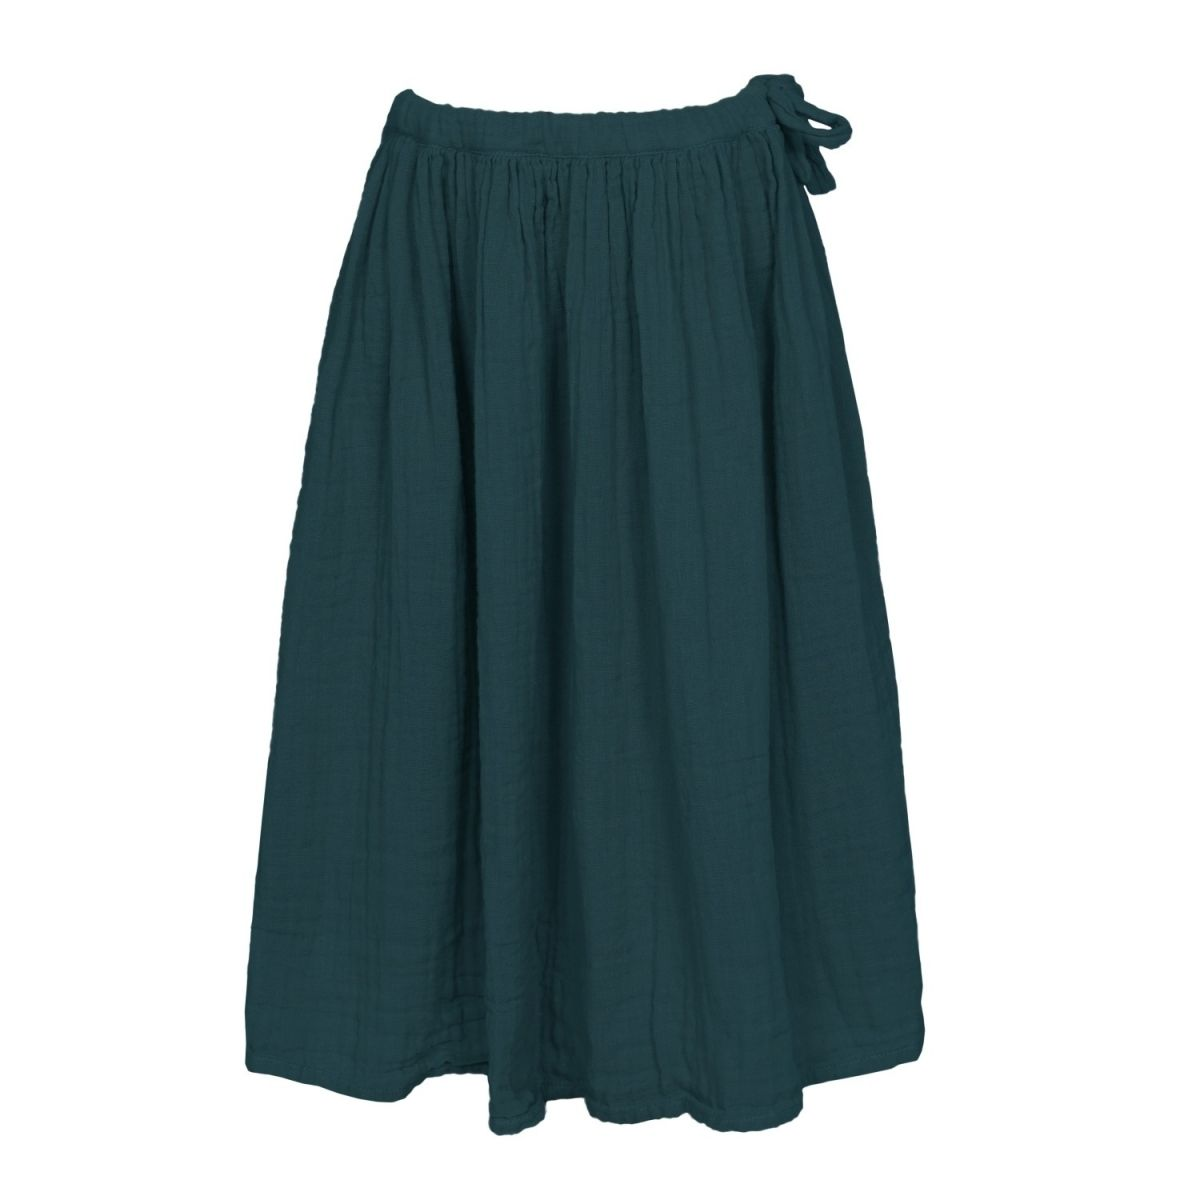 Skirt for girls Ava long teal blue - Numero 74